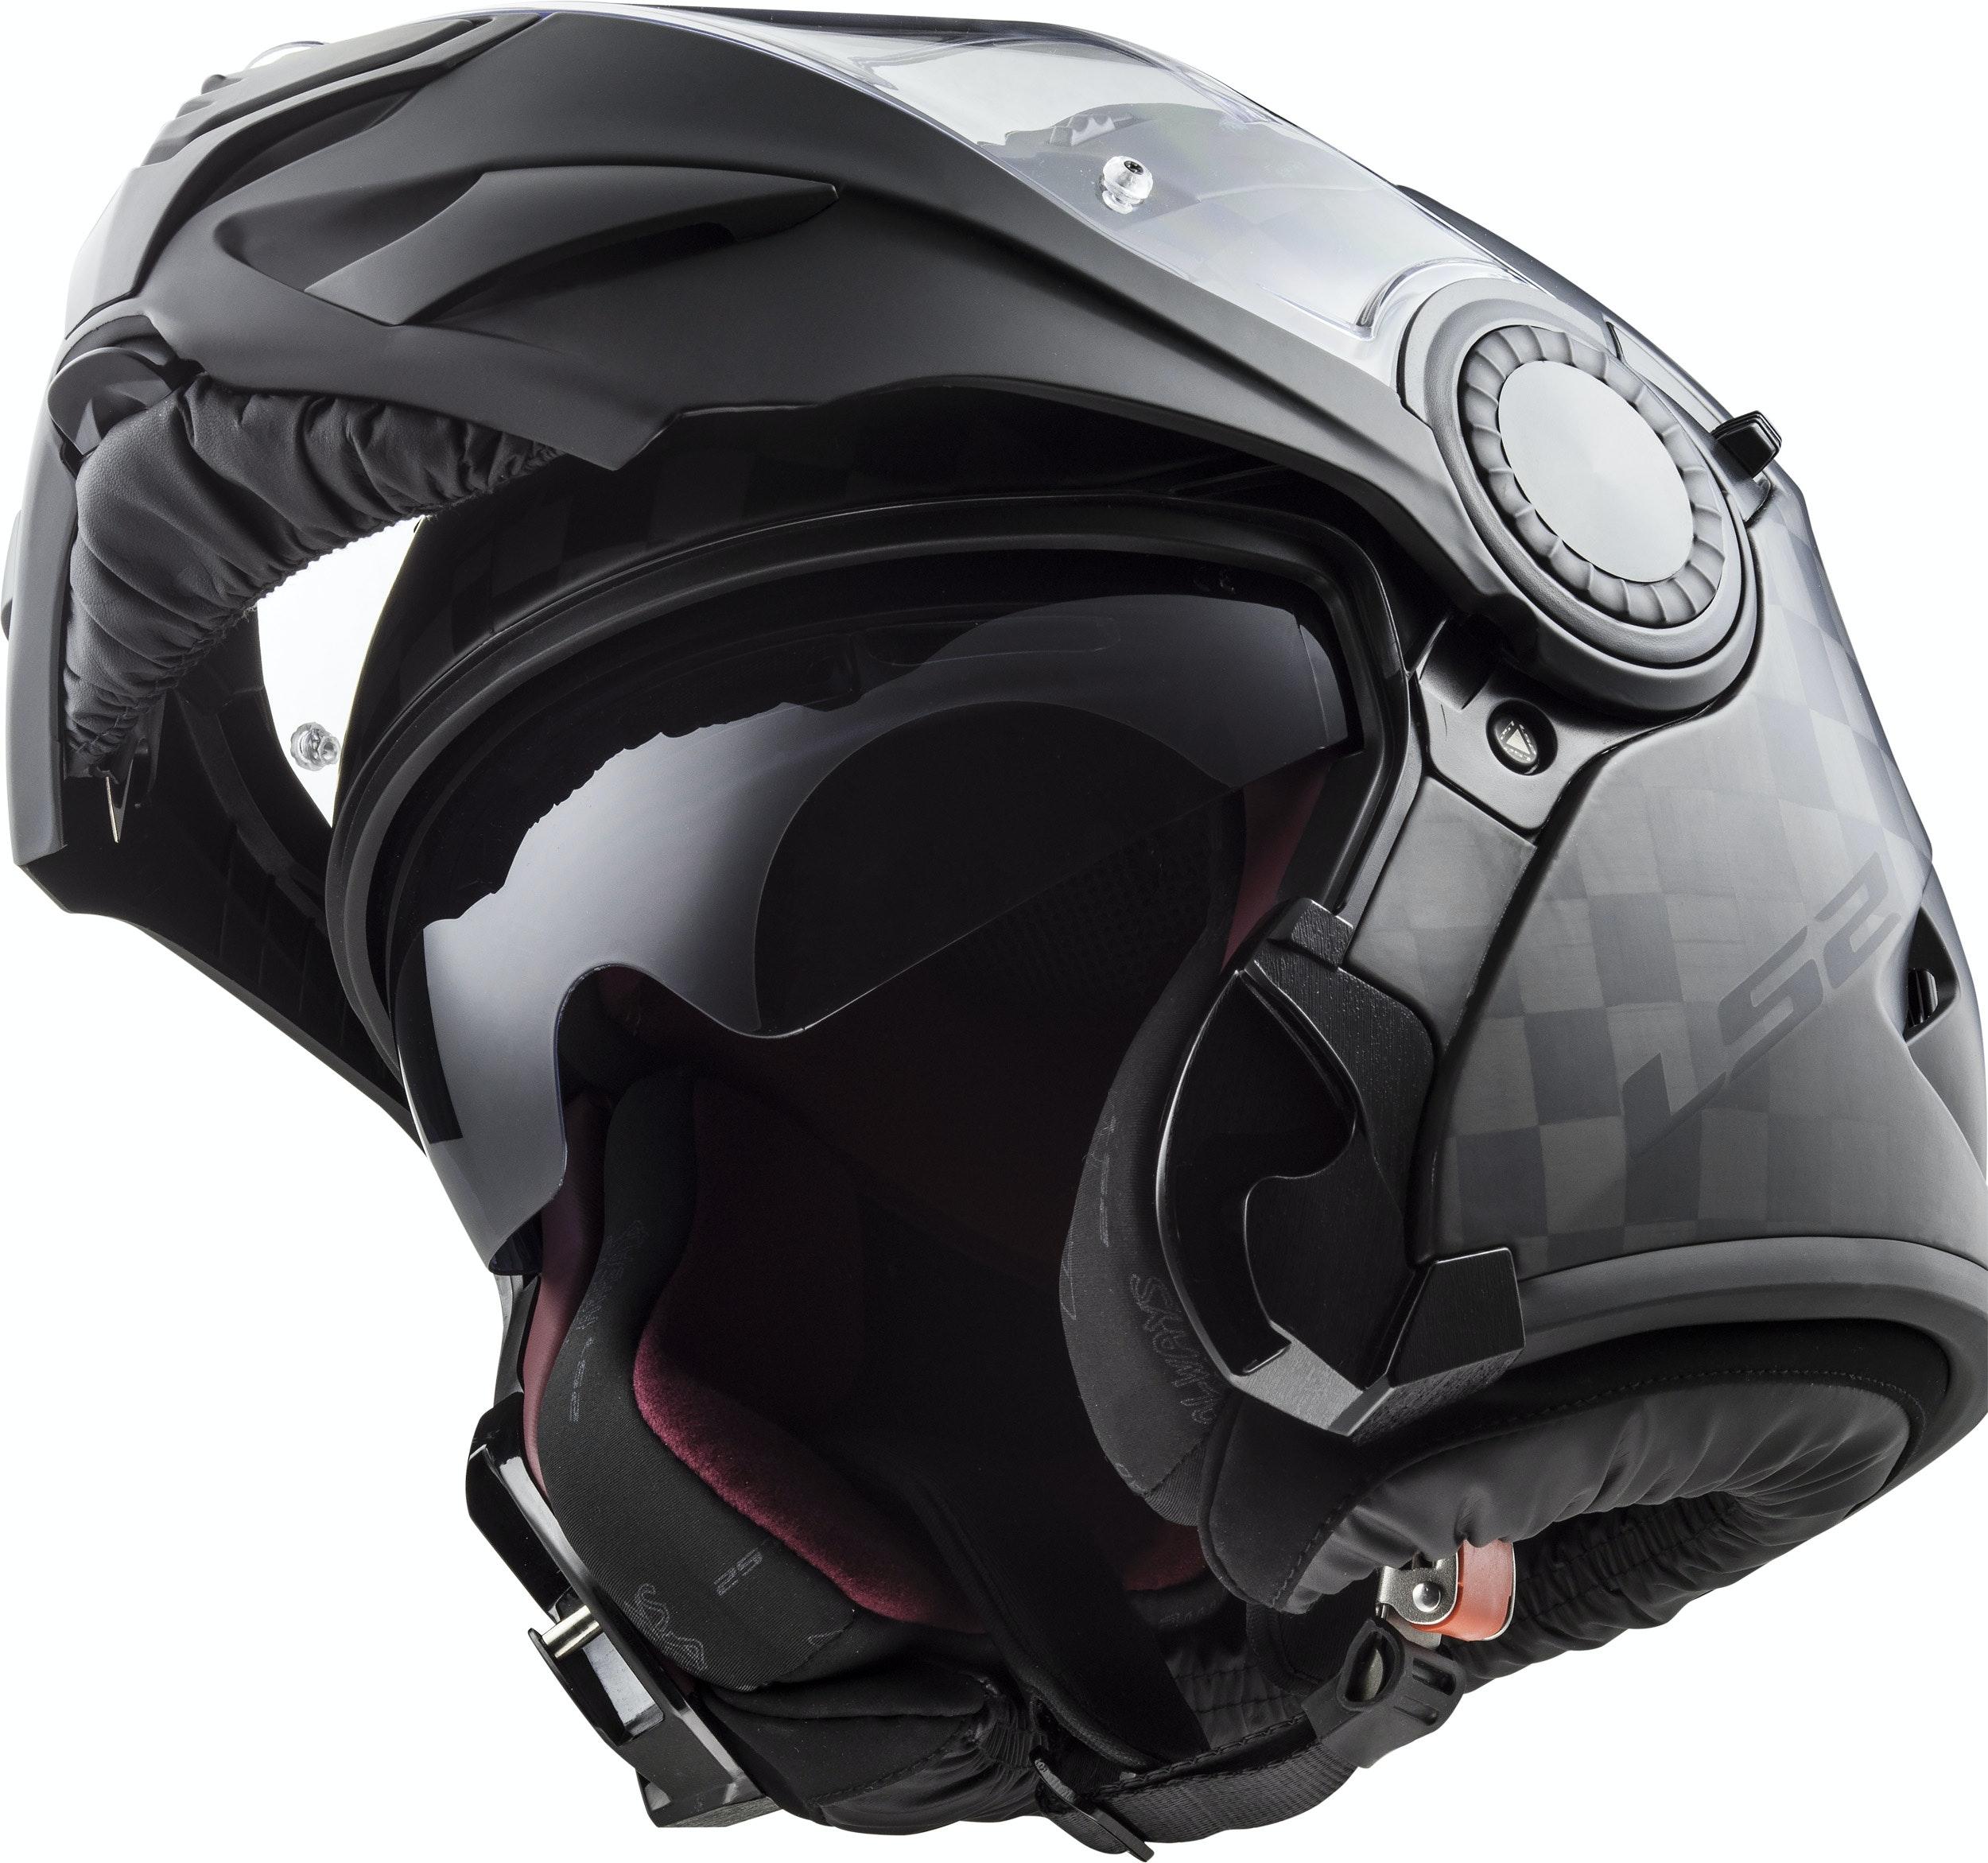 LS2 Vortex helmet sweepstakes